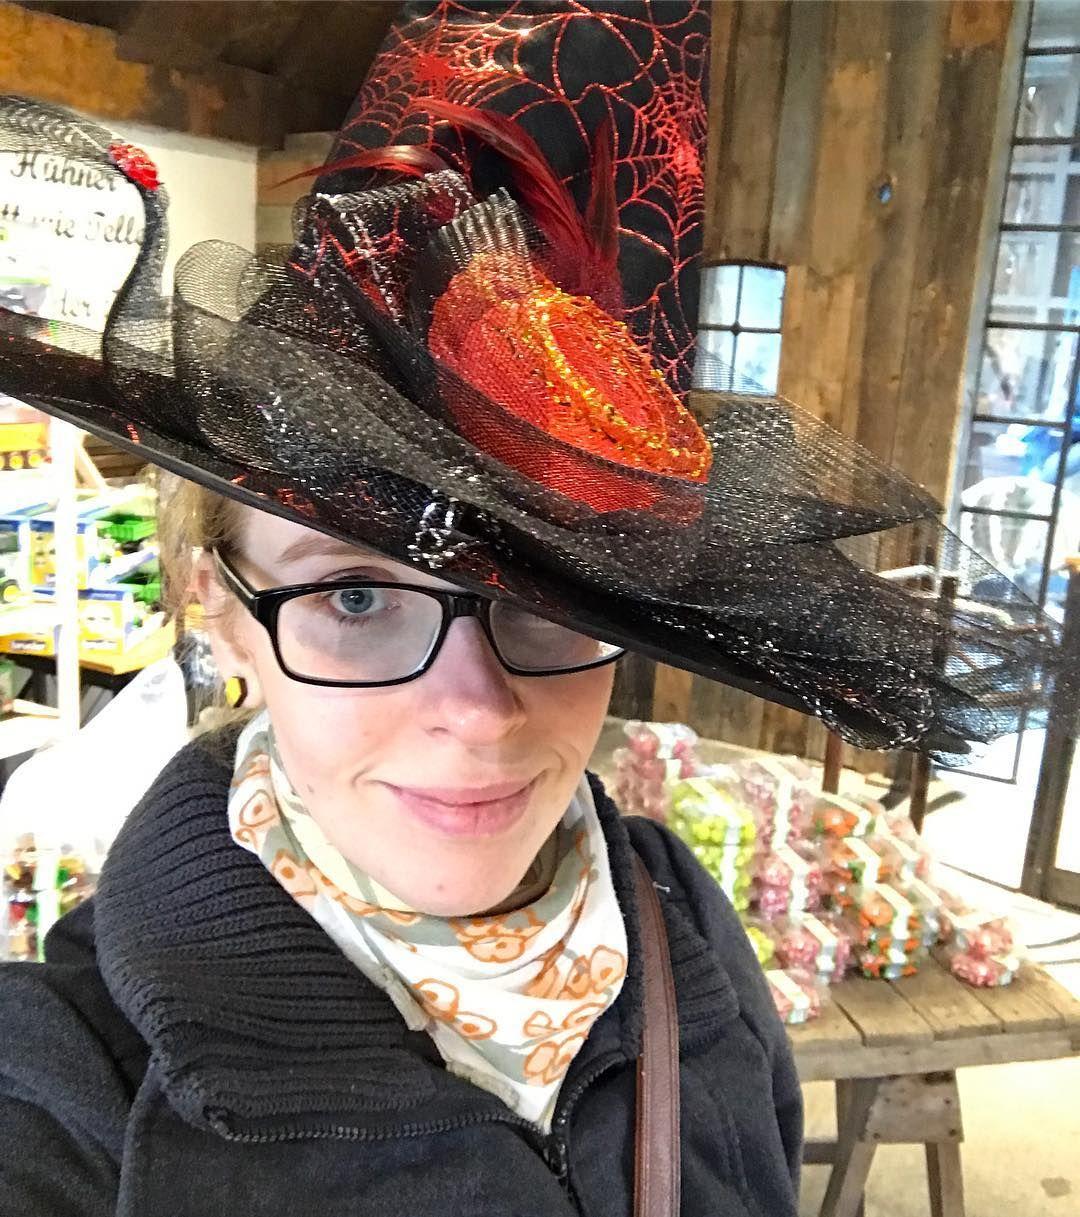 Gruselig wird es heute auf dem Blog. Dort berichte ich über unseren Besuch bei @karls1921. Im Erdbeerland ist derzeit #Halloween im #horroctober. Heute ab 17.30 Uhr ist das große Fest. Mehr im Blog. :) #karls #erdbeerland #erlebnishof #hexe #kostüm #Deko #mamablogger #Berlin #elstal